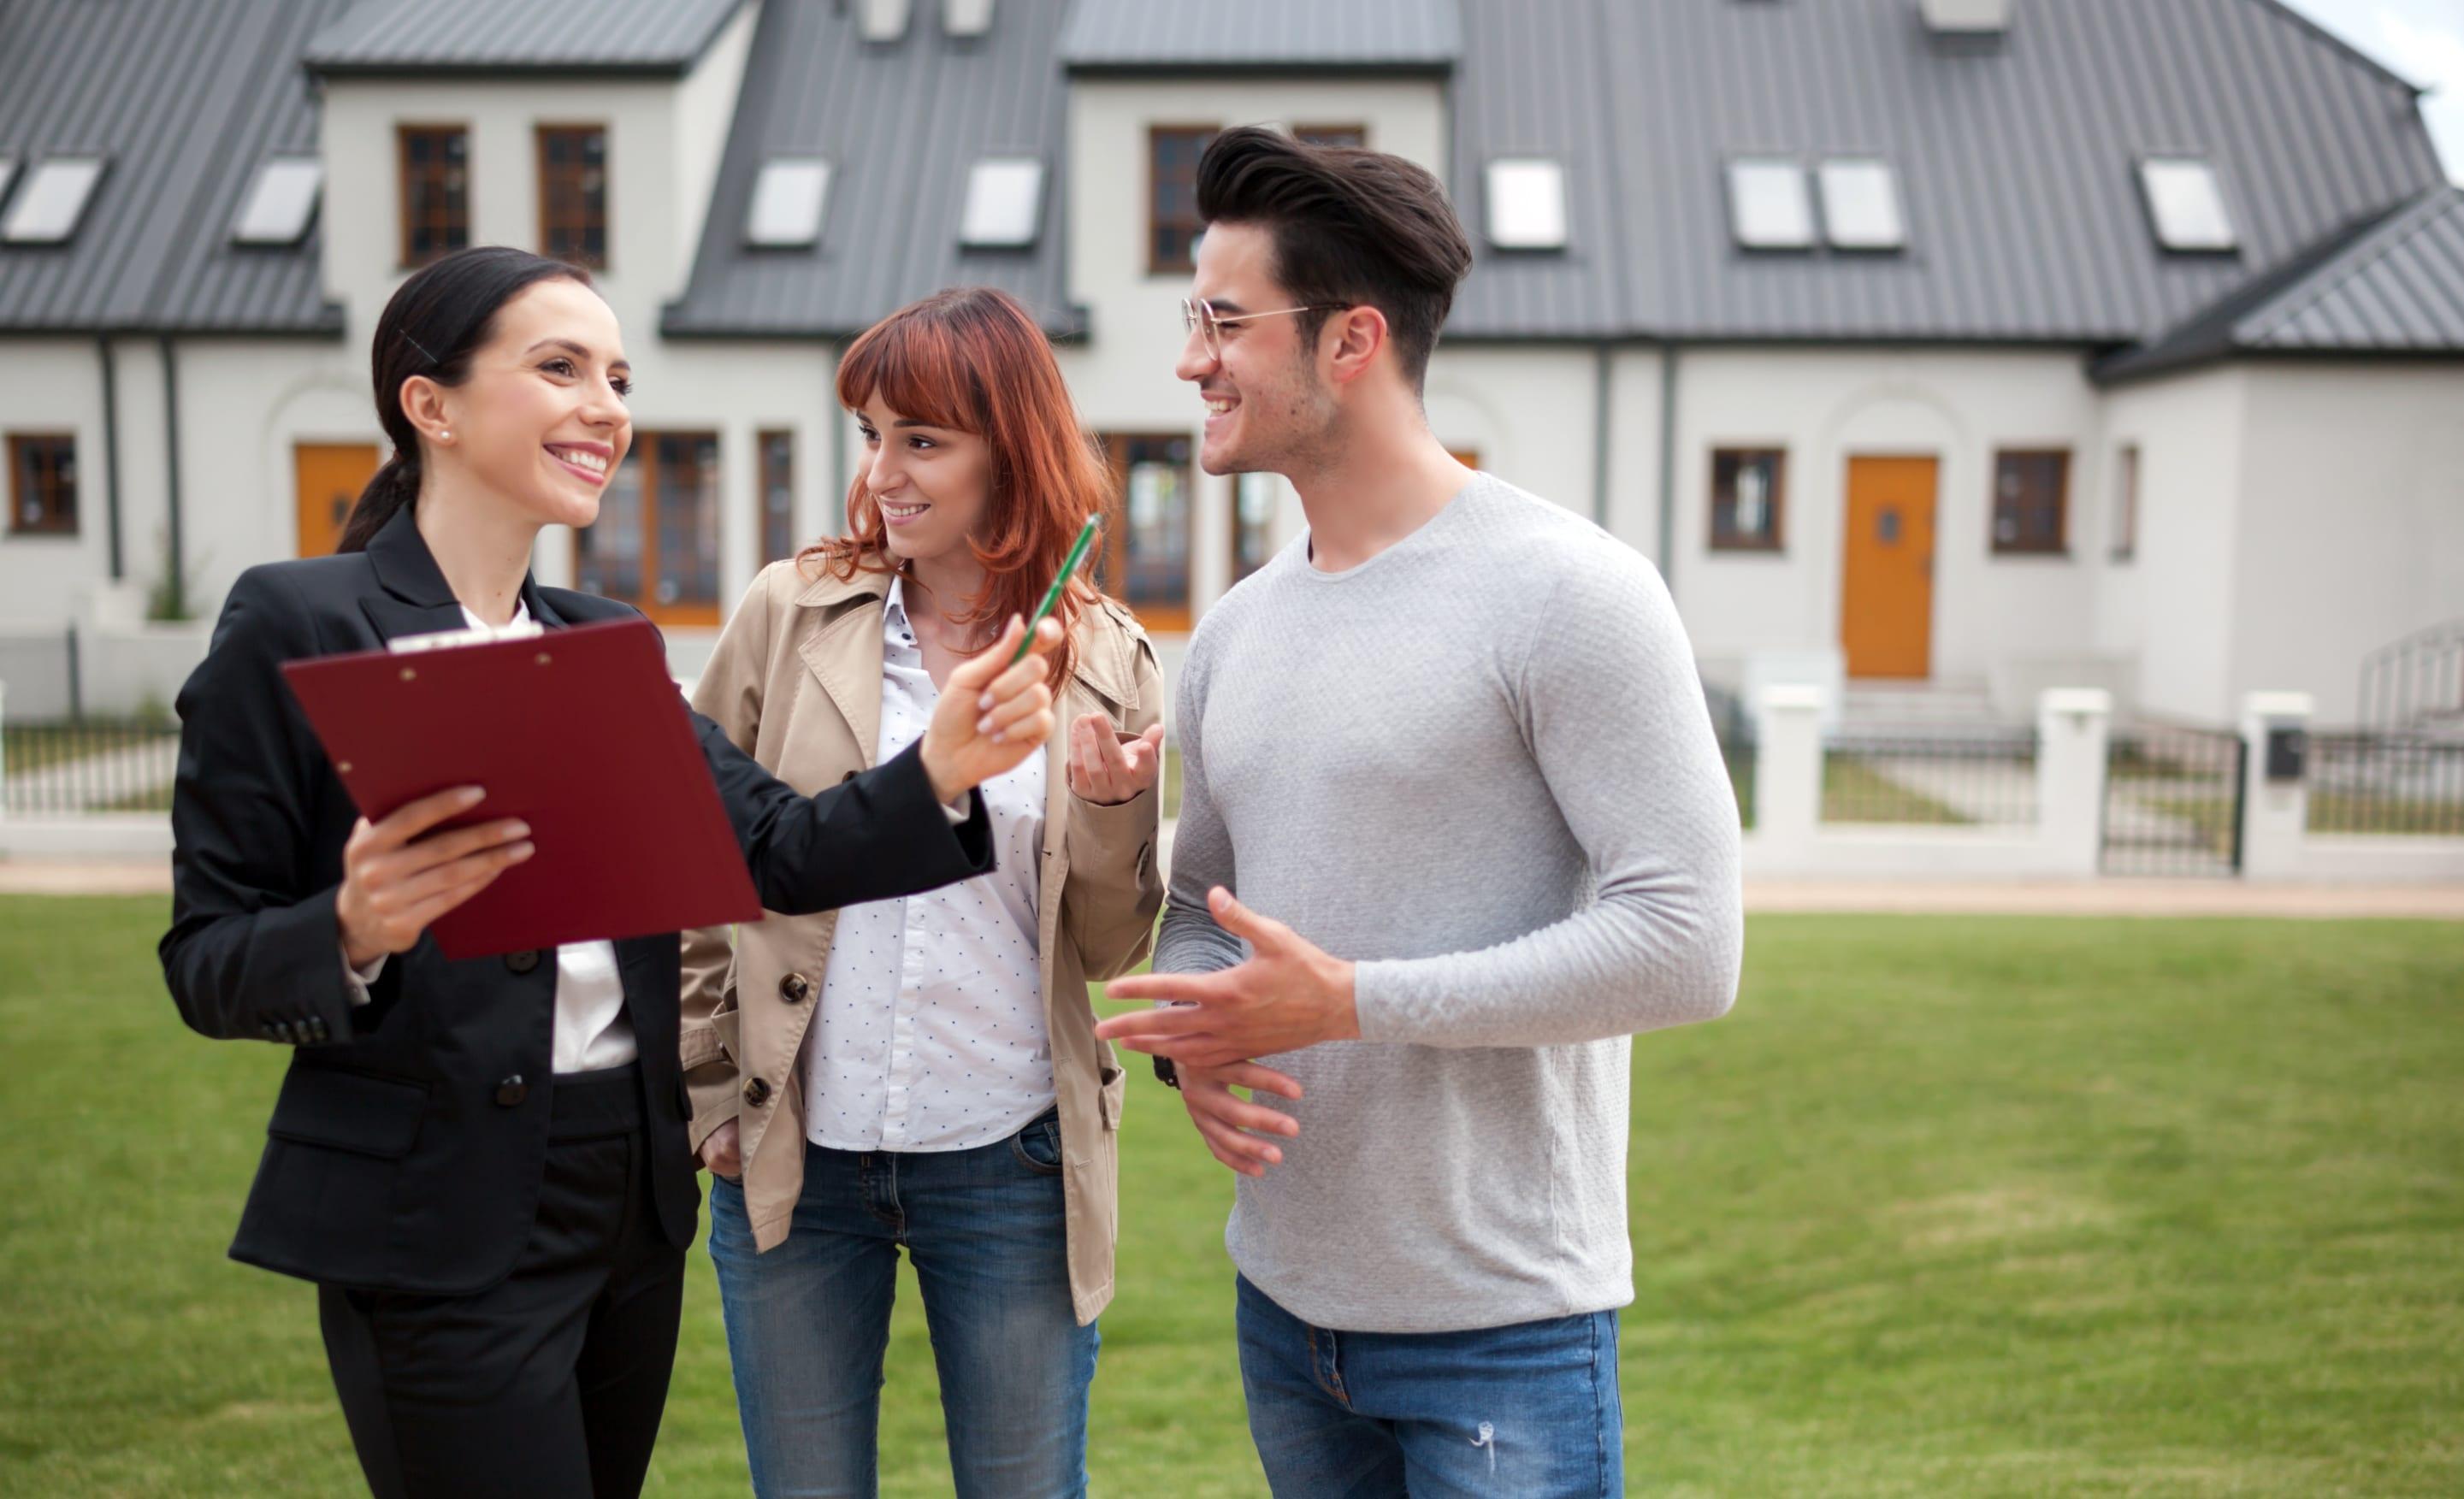 Comment vendre sa maison ? Les étapes à suivre